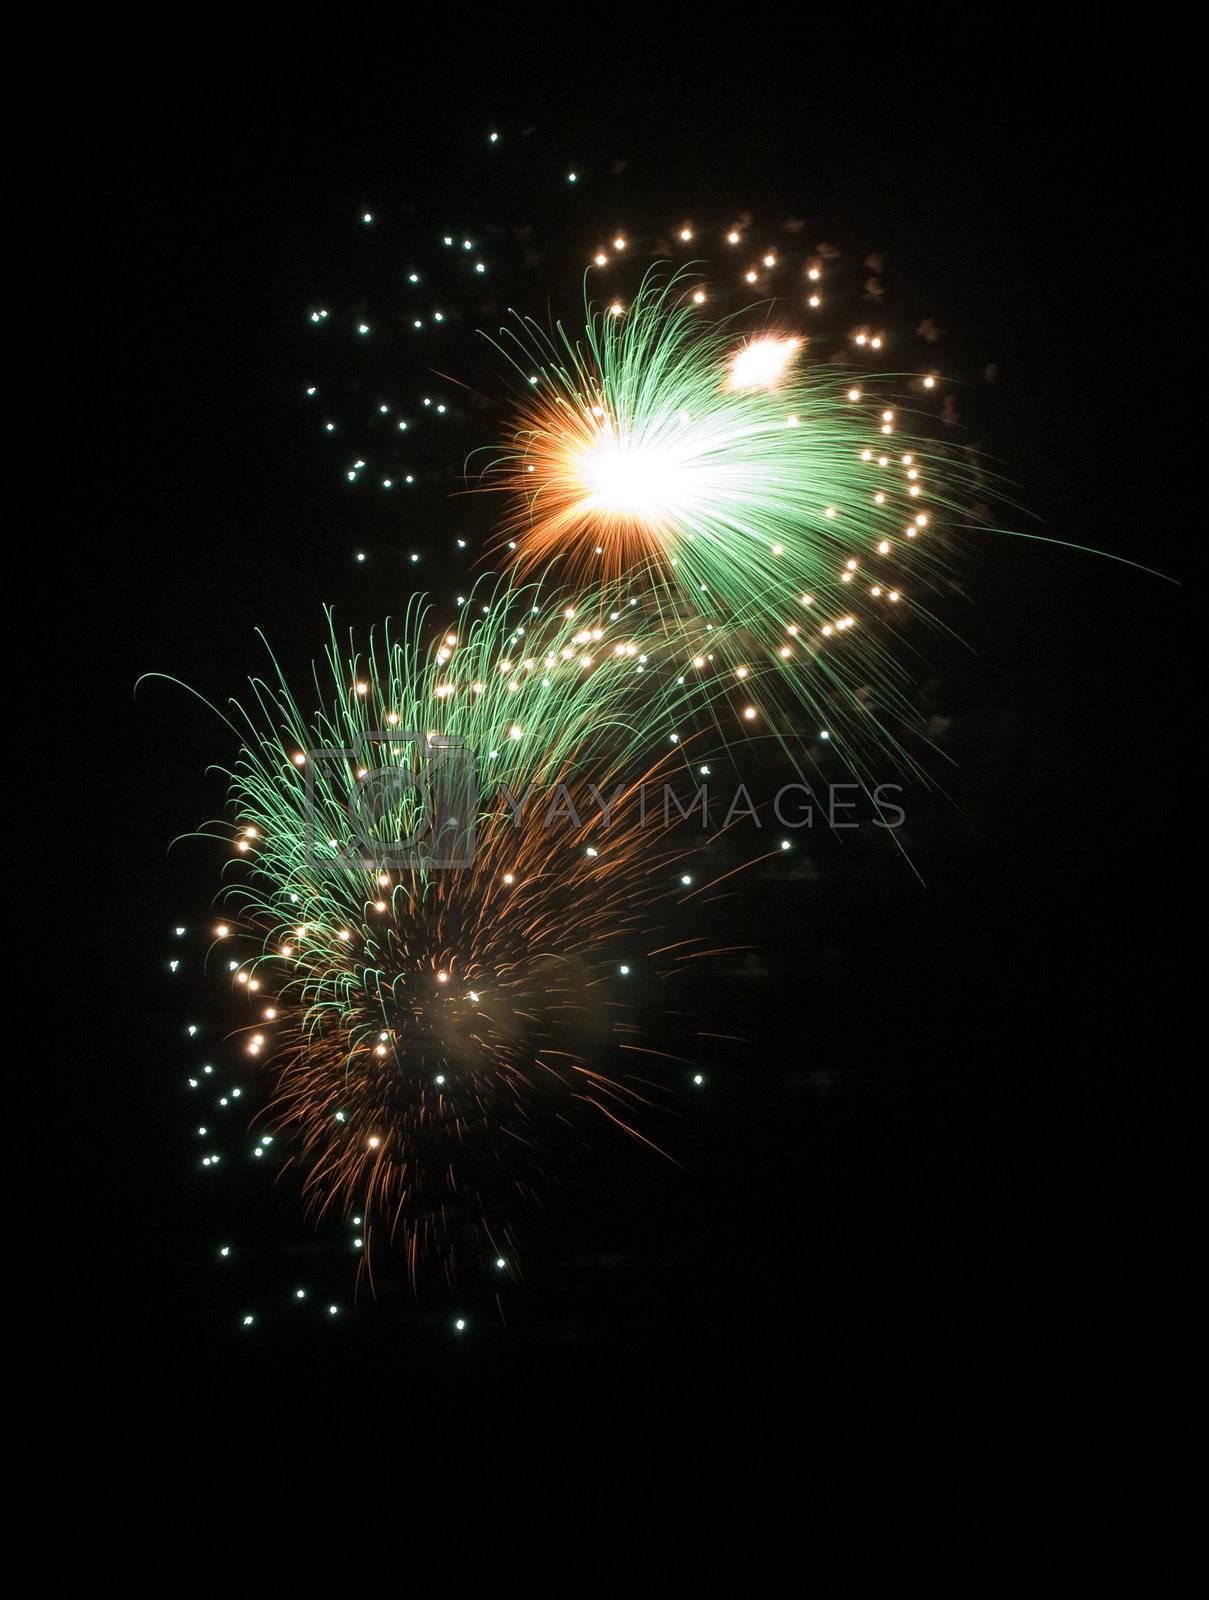 Fireworks by PhotoWorks